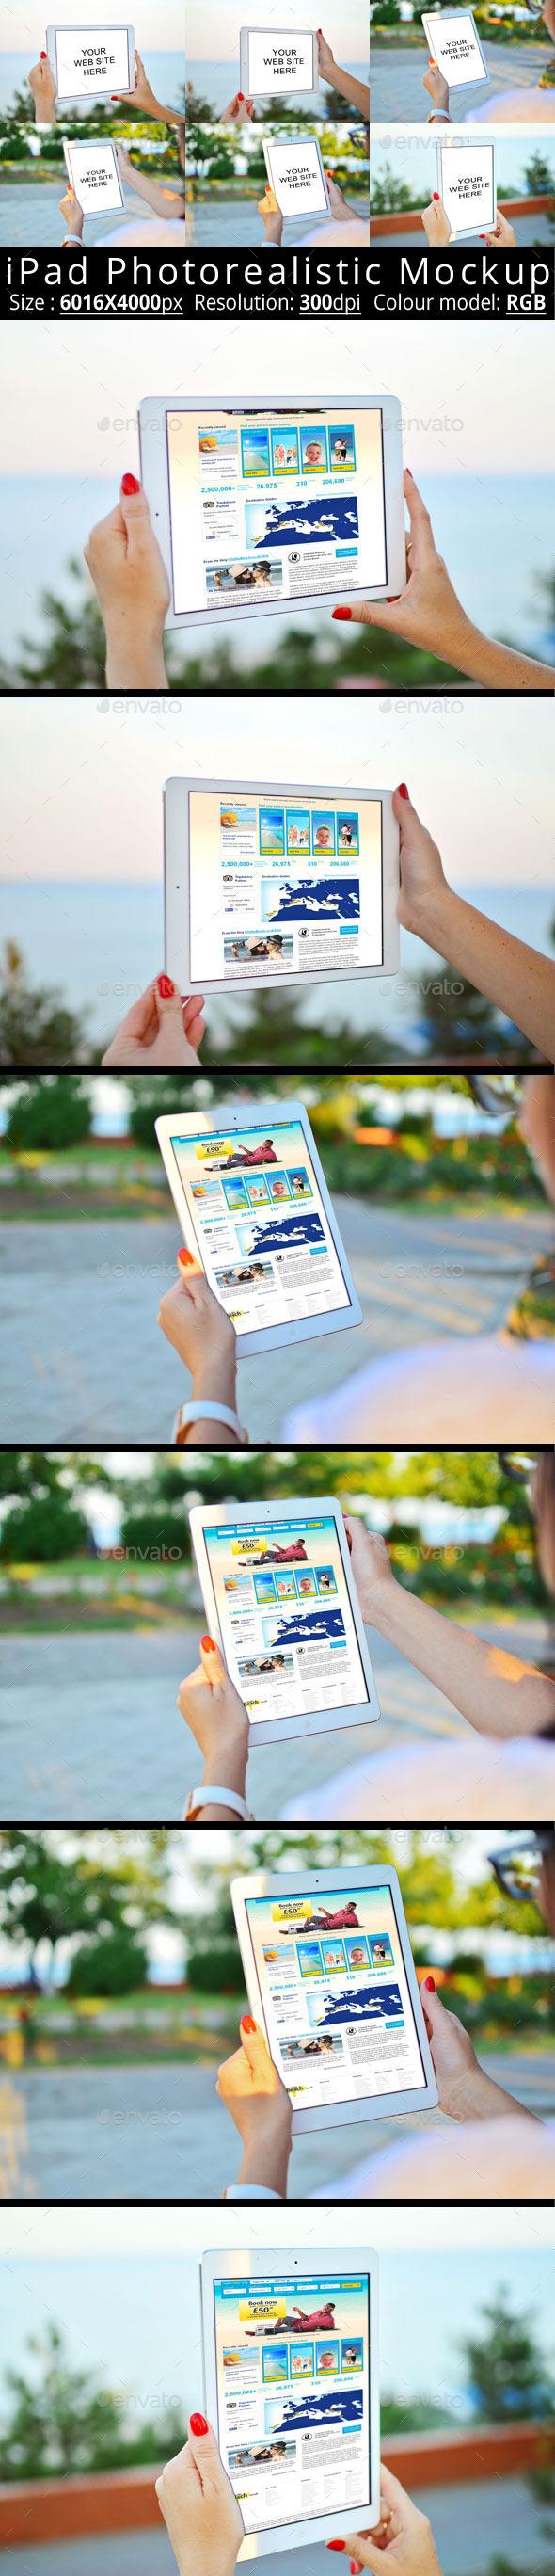 iPad Photorealistic Mock-Up - Mobile Displays